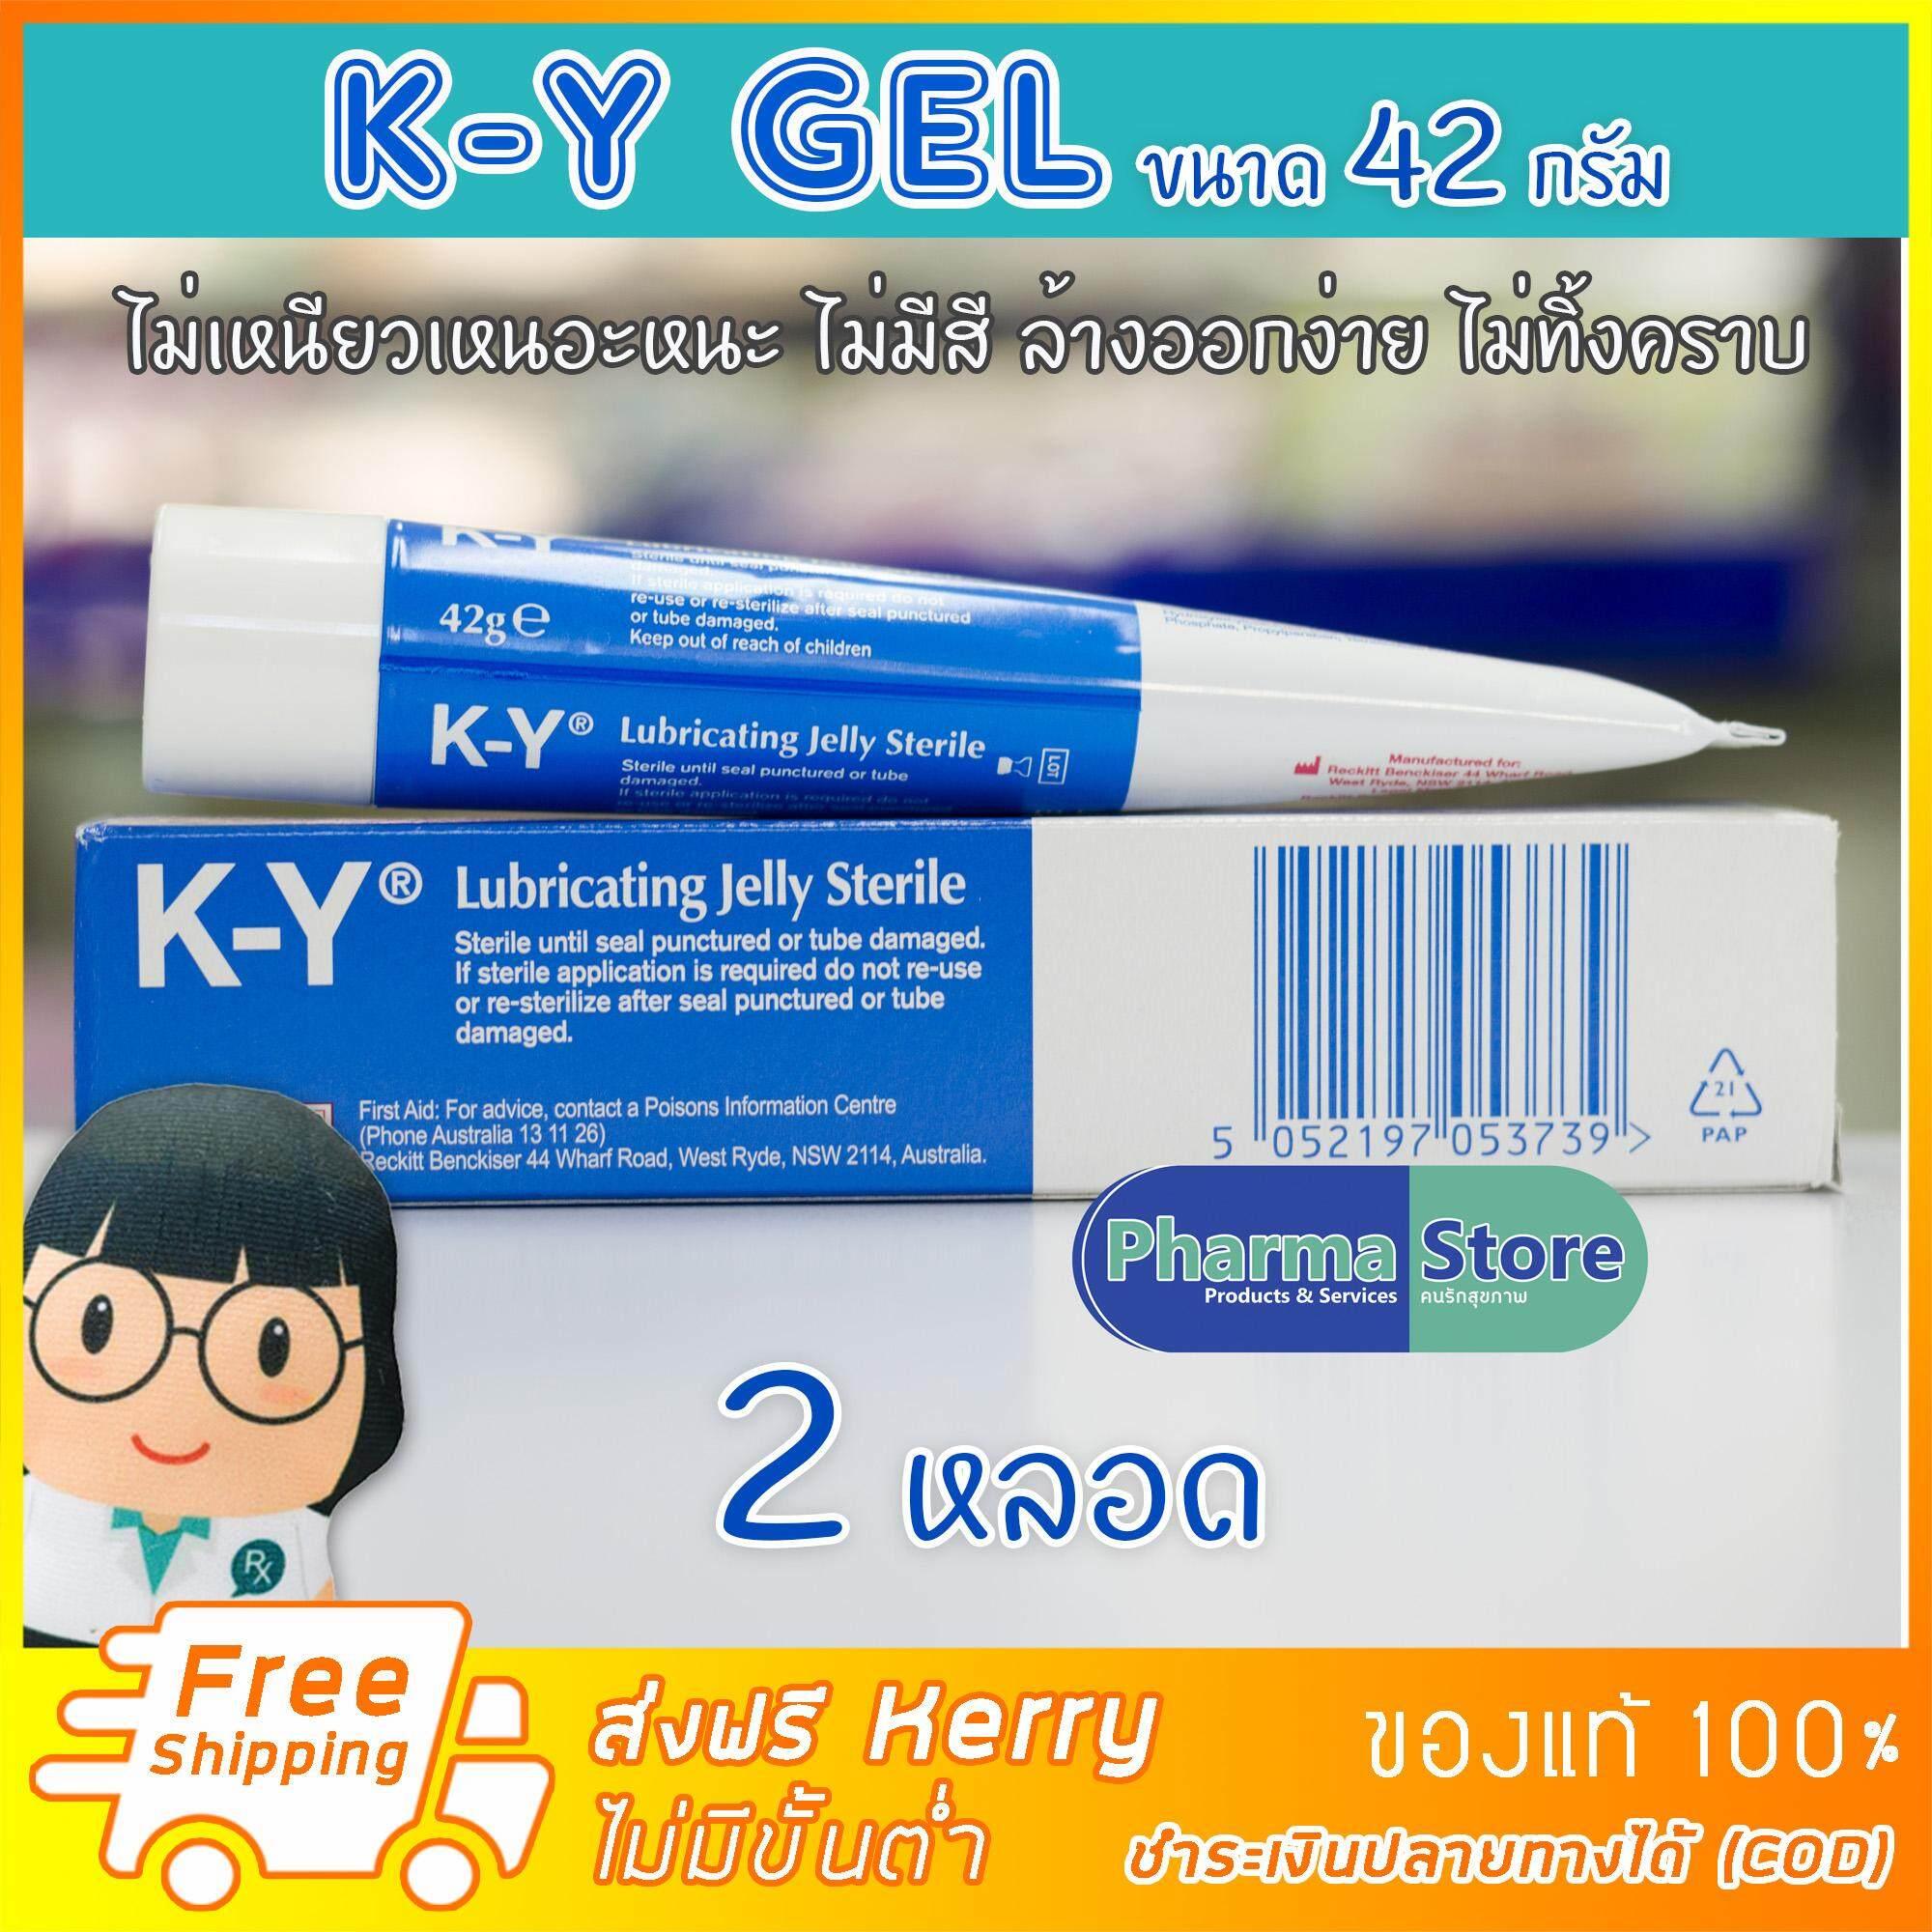 [2 หลอด ส่งฟรี Kerry ไม่มีขั้นต่ำ] KY Gel lubricant gel เควาย เจลหล่อลื่น สูตรน้ำ ขนาด 42 กรัม